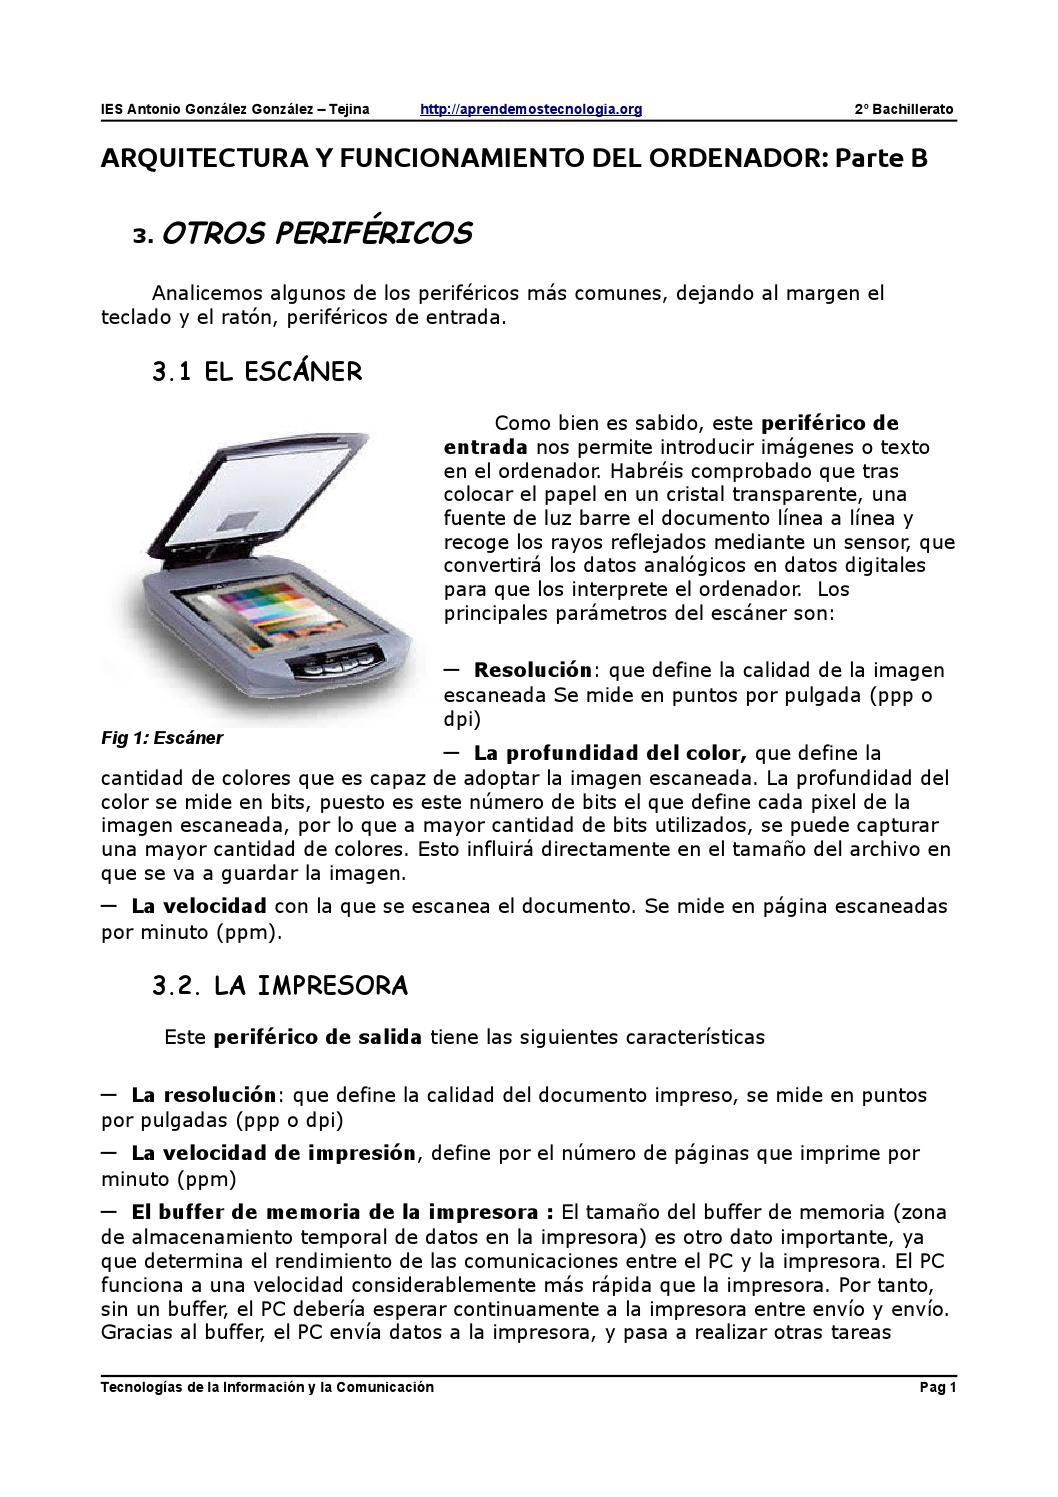 Arquitectura ordenador parte b by riccardo biagini issuu for Arquitectura ordenador